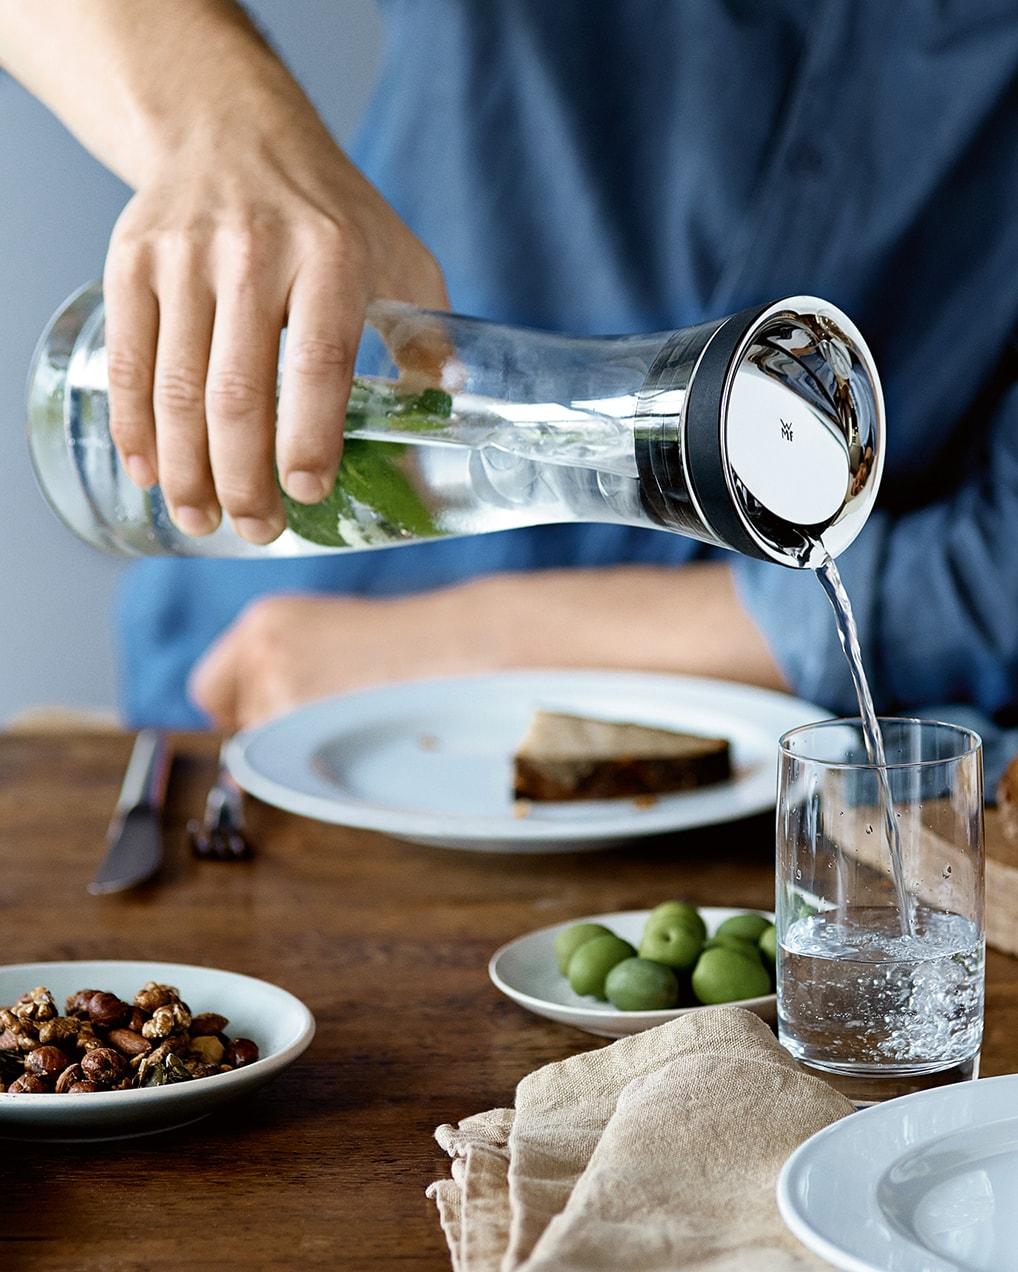 İçecekleri servis edin, lezzetlendirin, yeniden doldurun. Yemekten önce, yemek boyunca ve sonrasında.